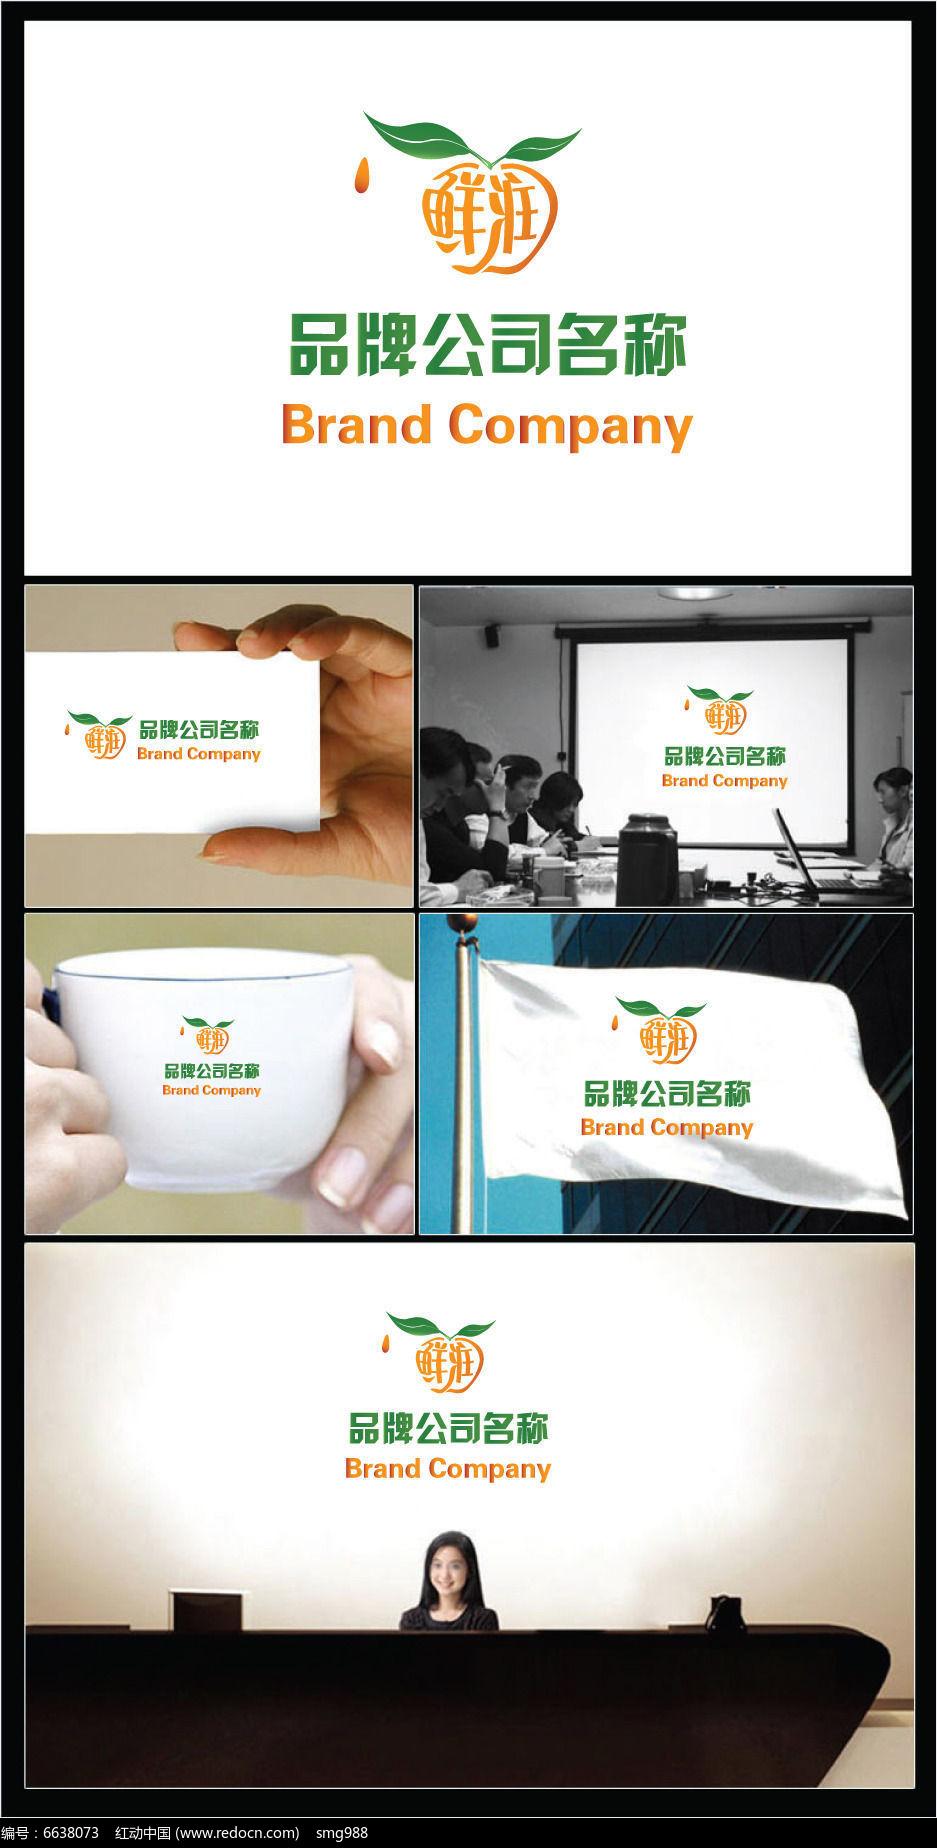 橙子绿叶组成的绿色行业标志图片